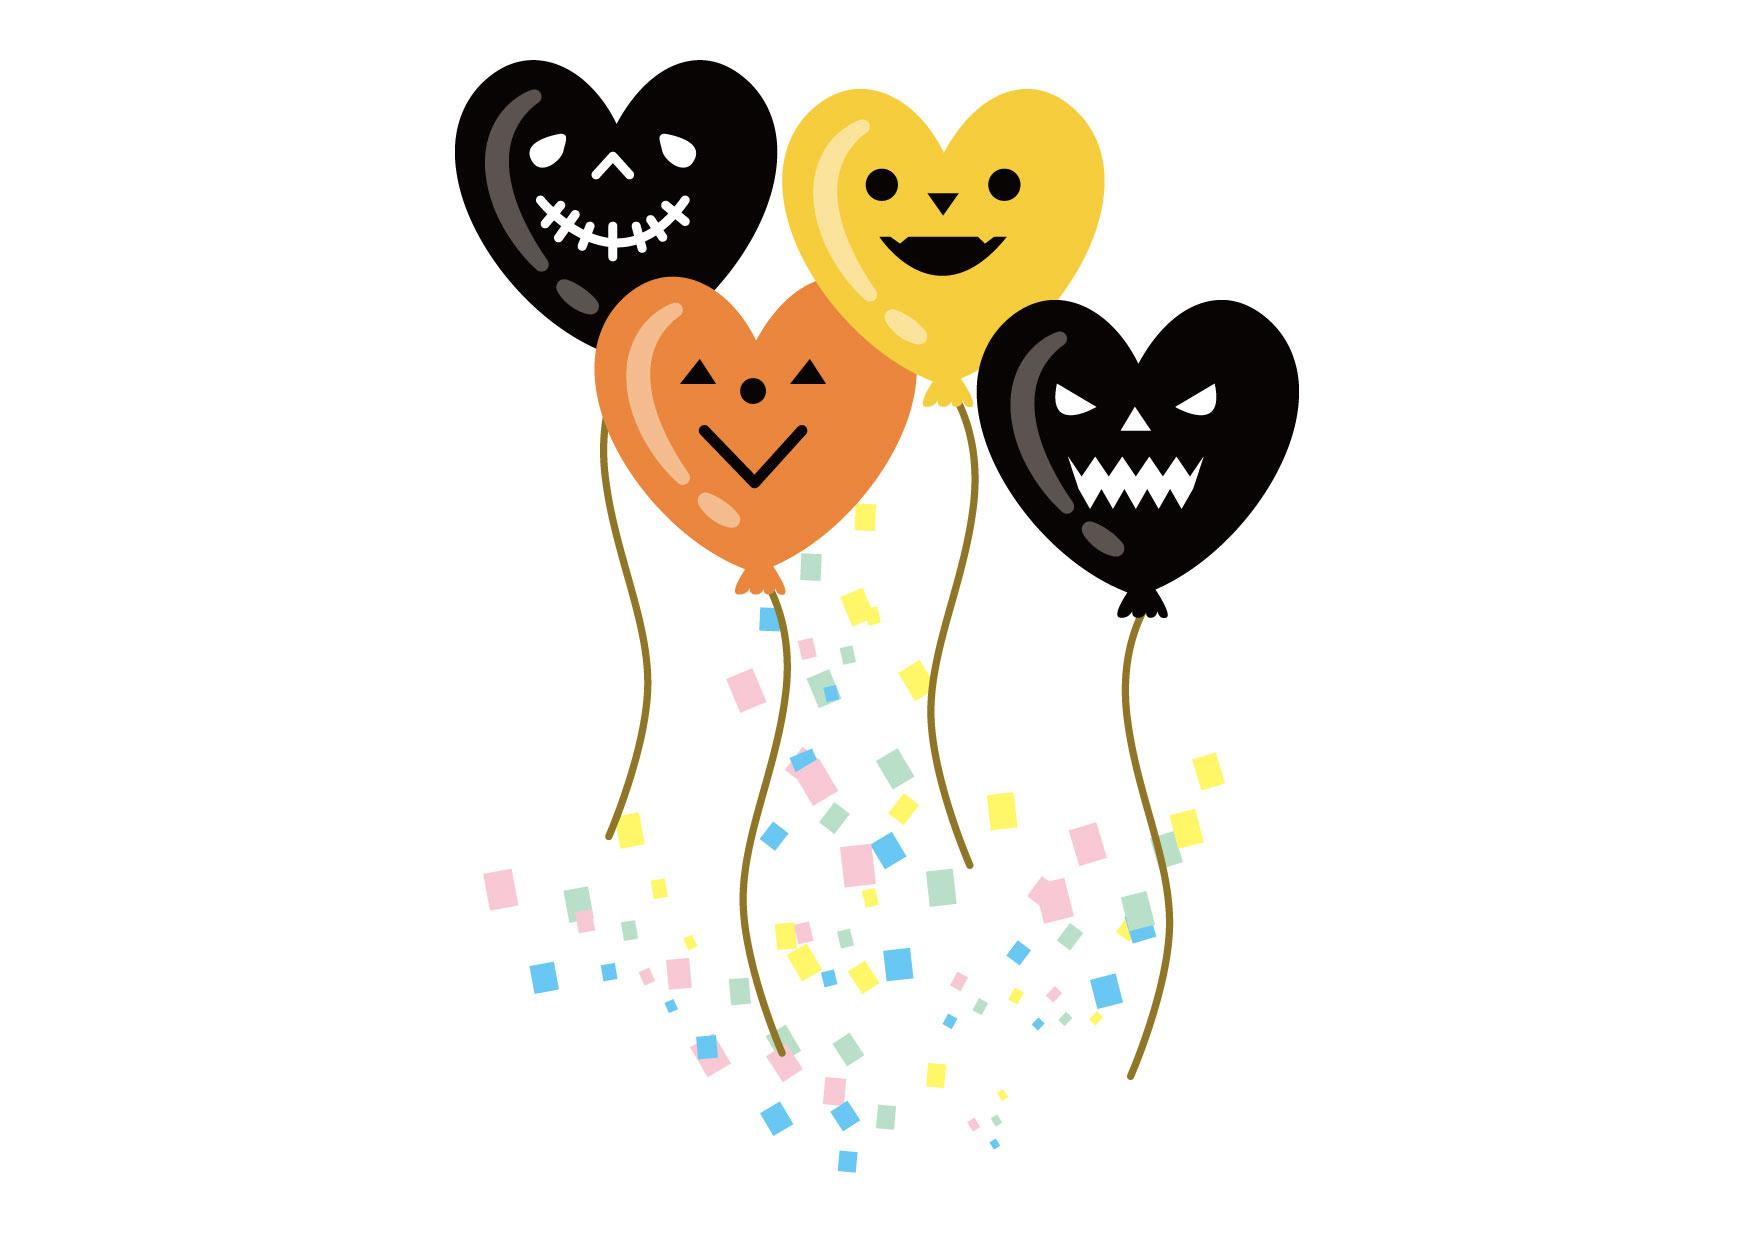 可愛いイラスト無料|ハロウィン 風船 ハート 黒 オレンジ − free illustration Halloween Balloon Heart Black Orange